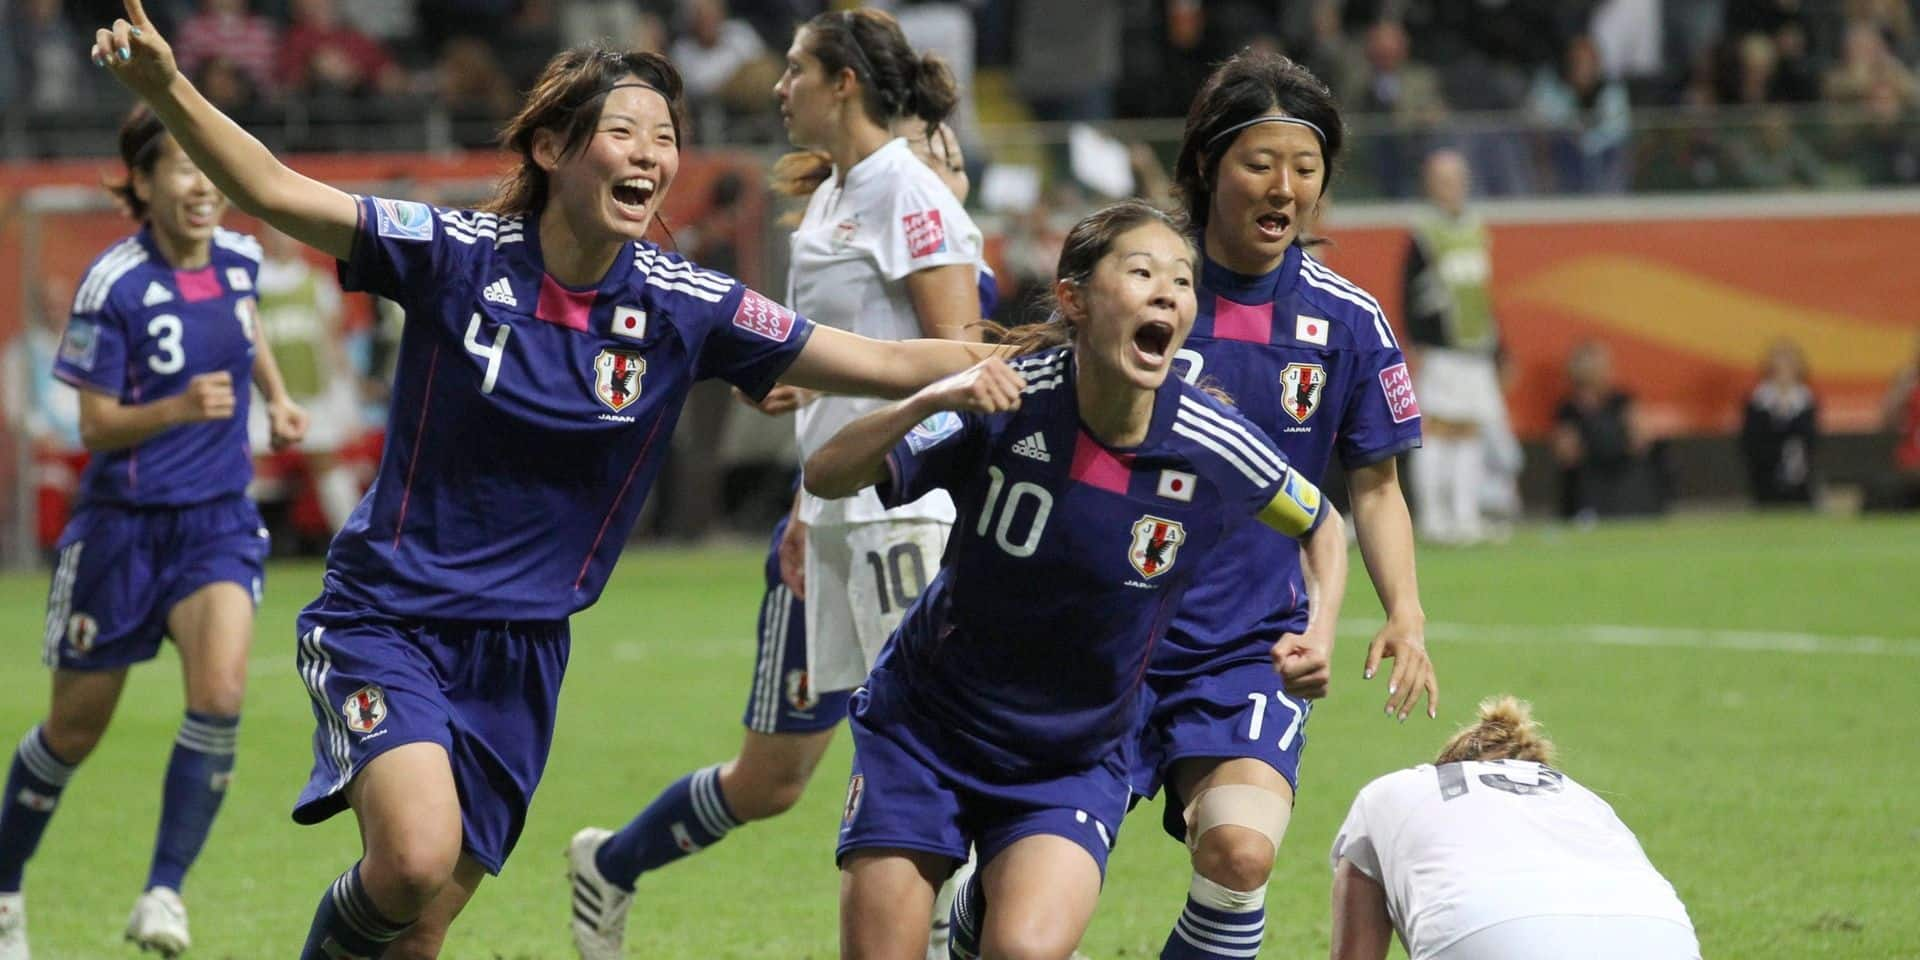 Foot: une internationale japonaise signe pour une équipe masculine amateur